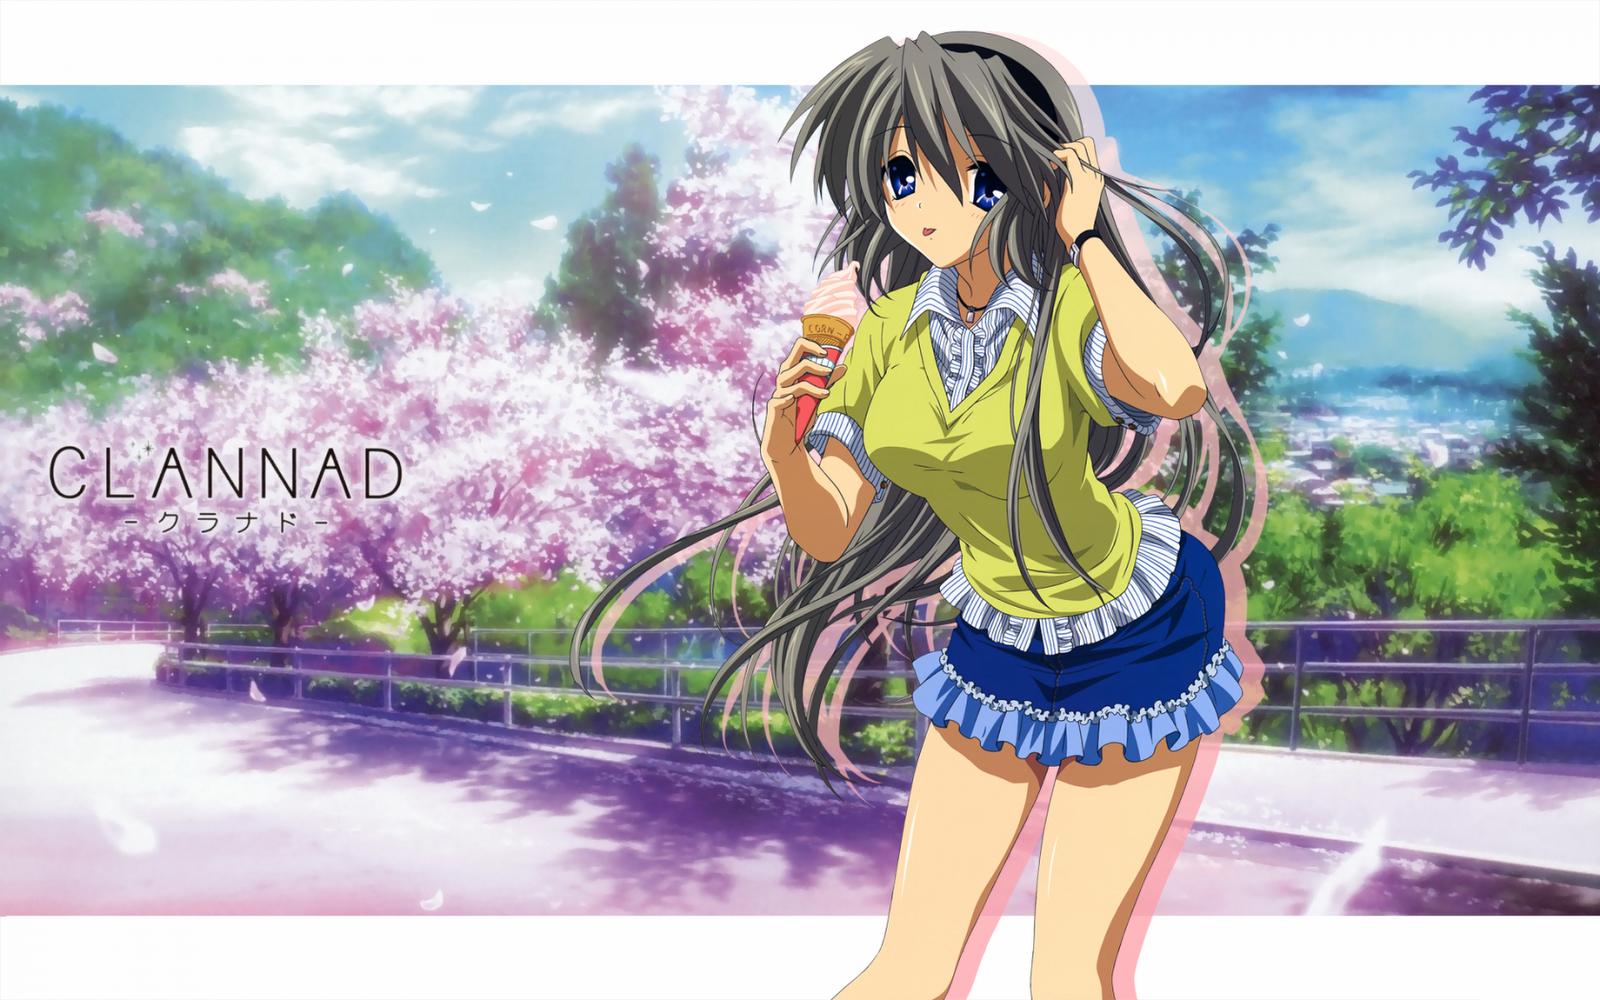 kane blog picz Anime Wallpaper Reddit